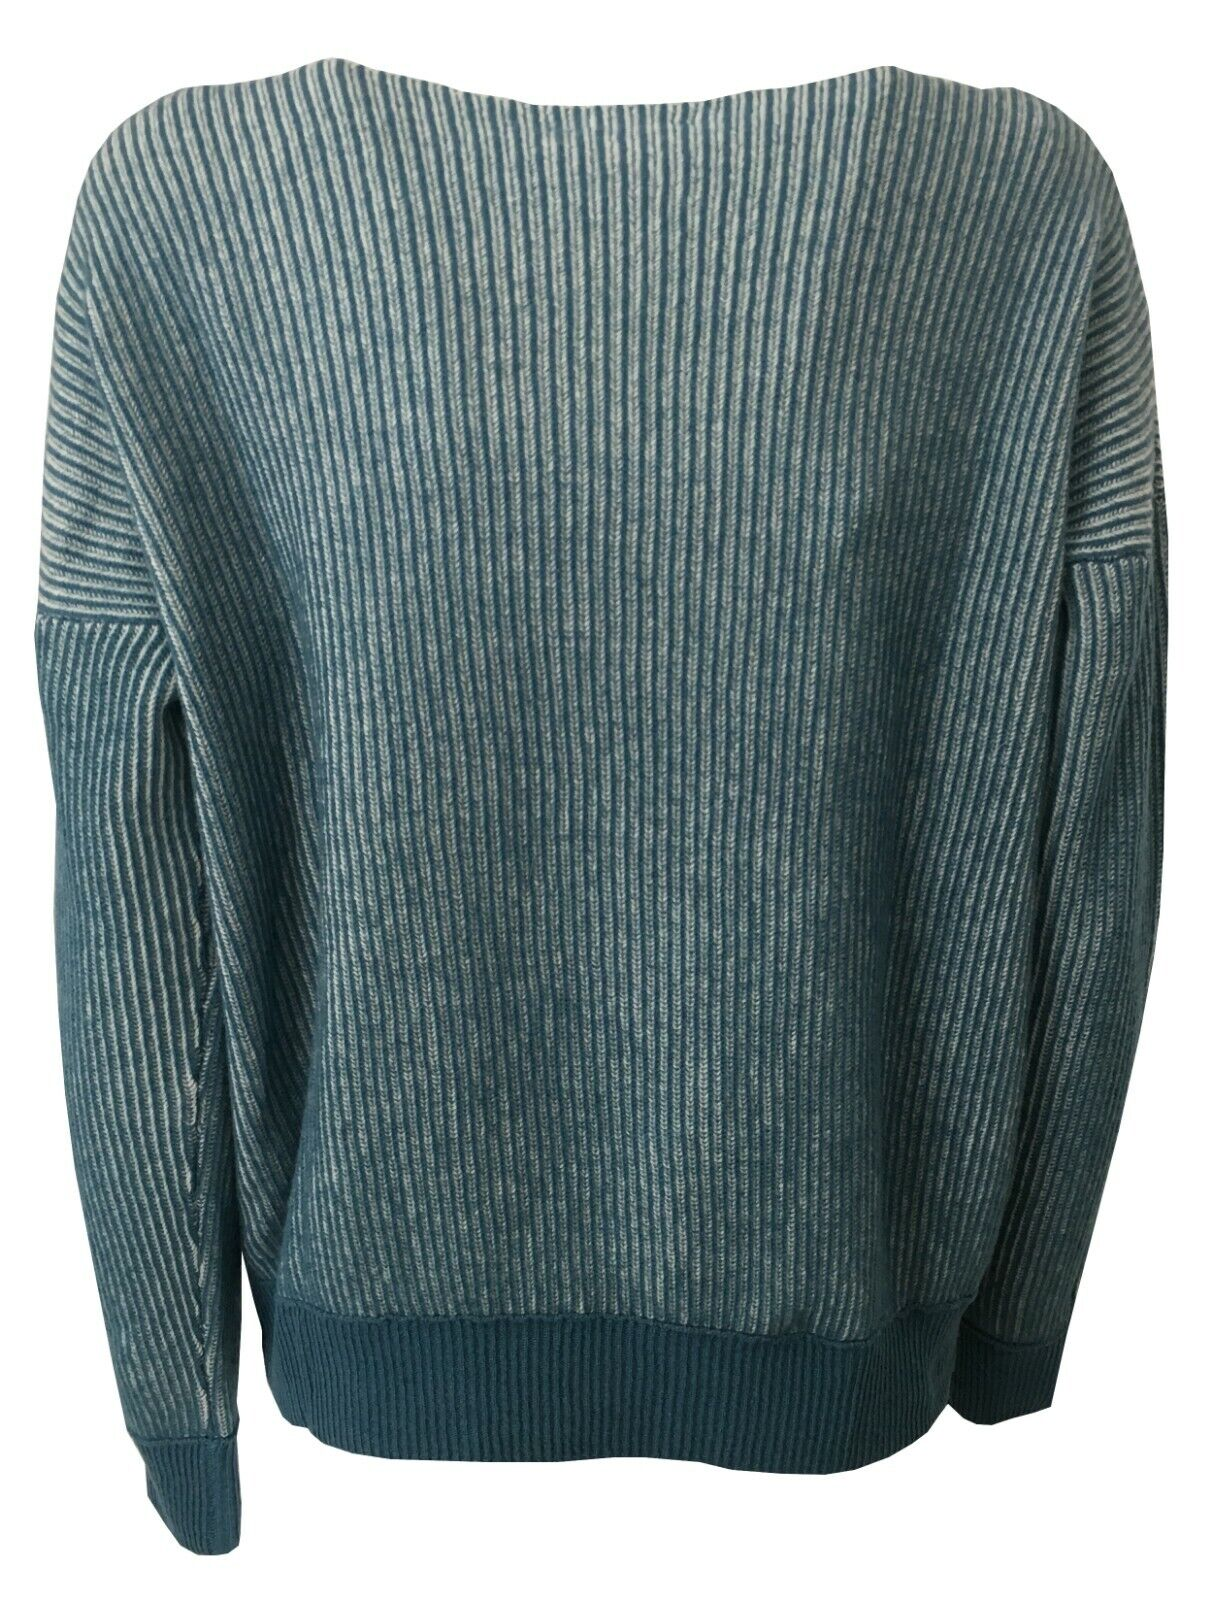 GAIA MARTINO maglia donna donna donna 70% lana 30% cashmere MADE IN ITALY 86571a